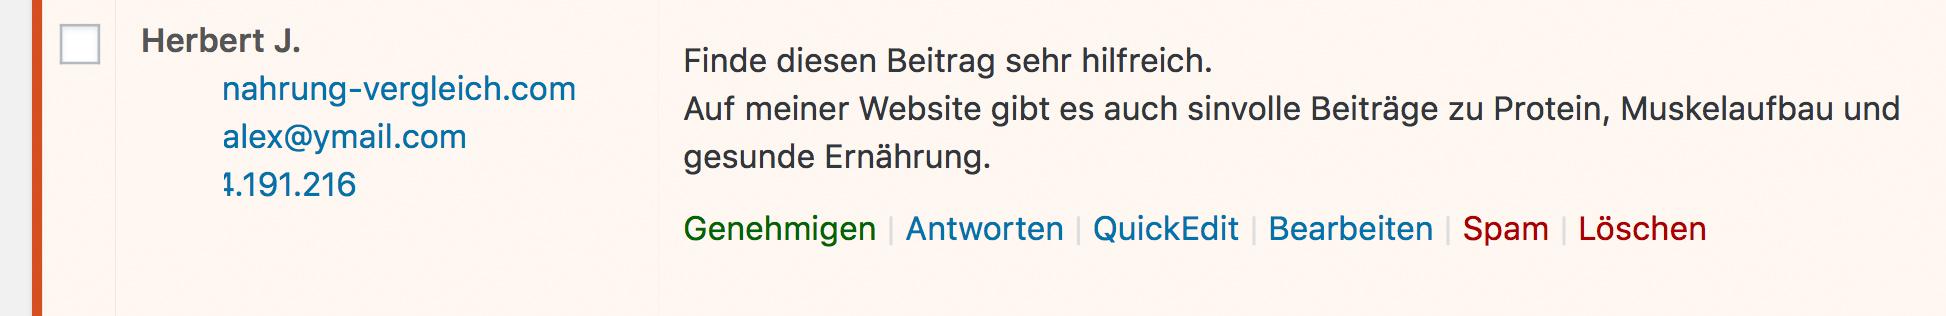 Ein klassisches Beispiel für Kommentar-Spam in WordPress